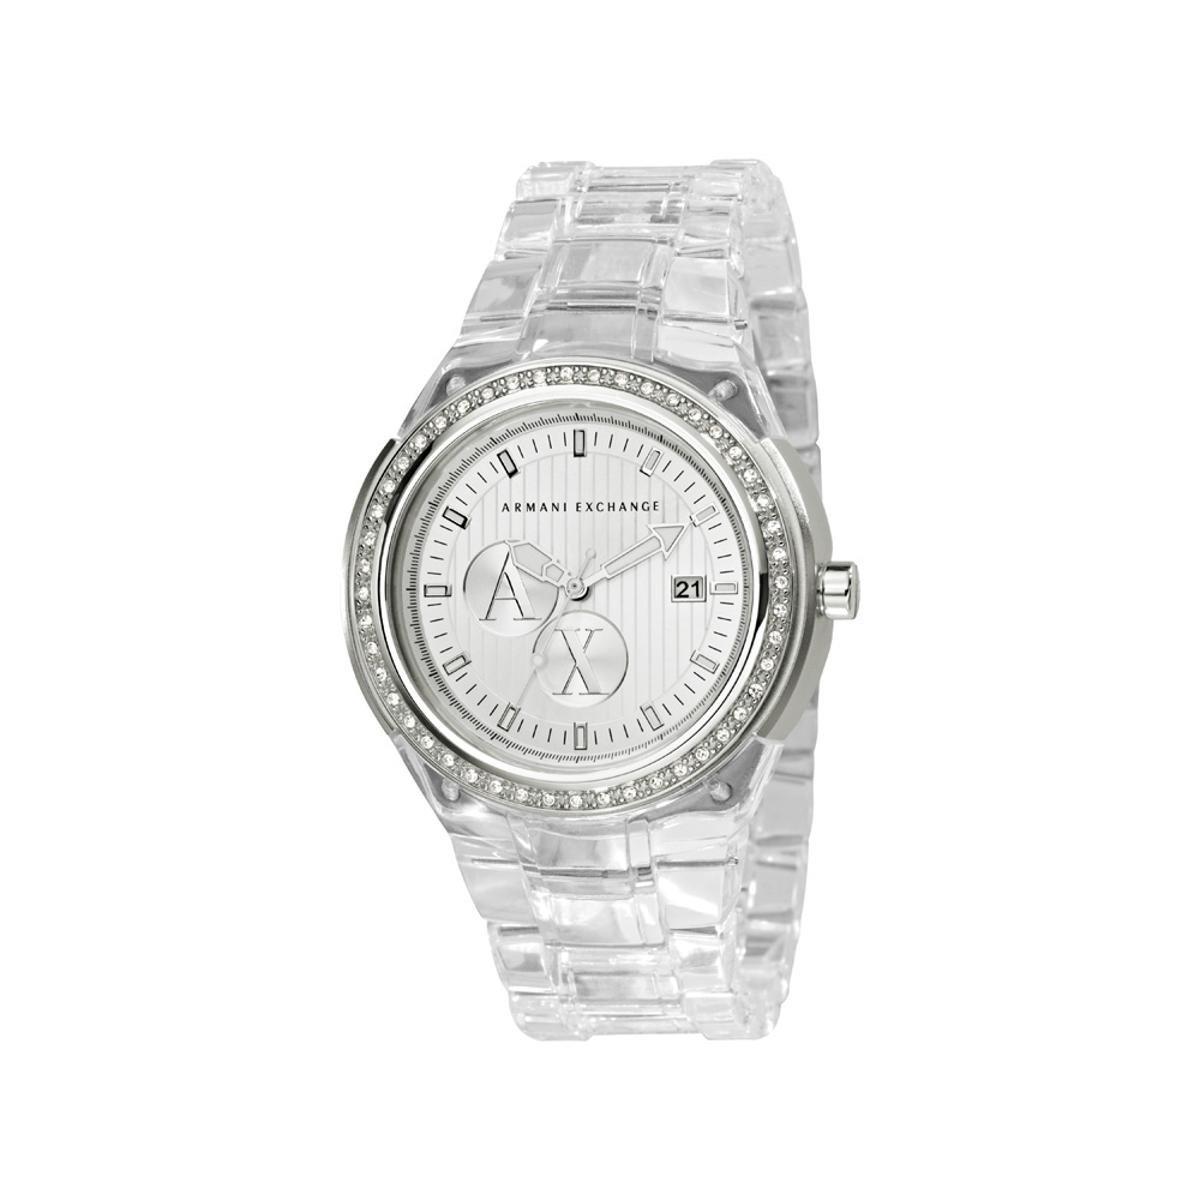 Relógio Armani Exchange Feminino Transparente - UAX5056 N UAX5056 N ... 79249888b2